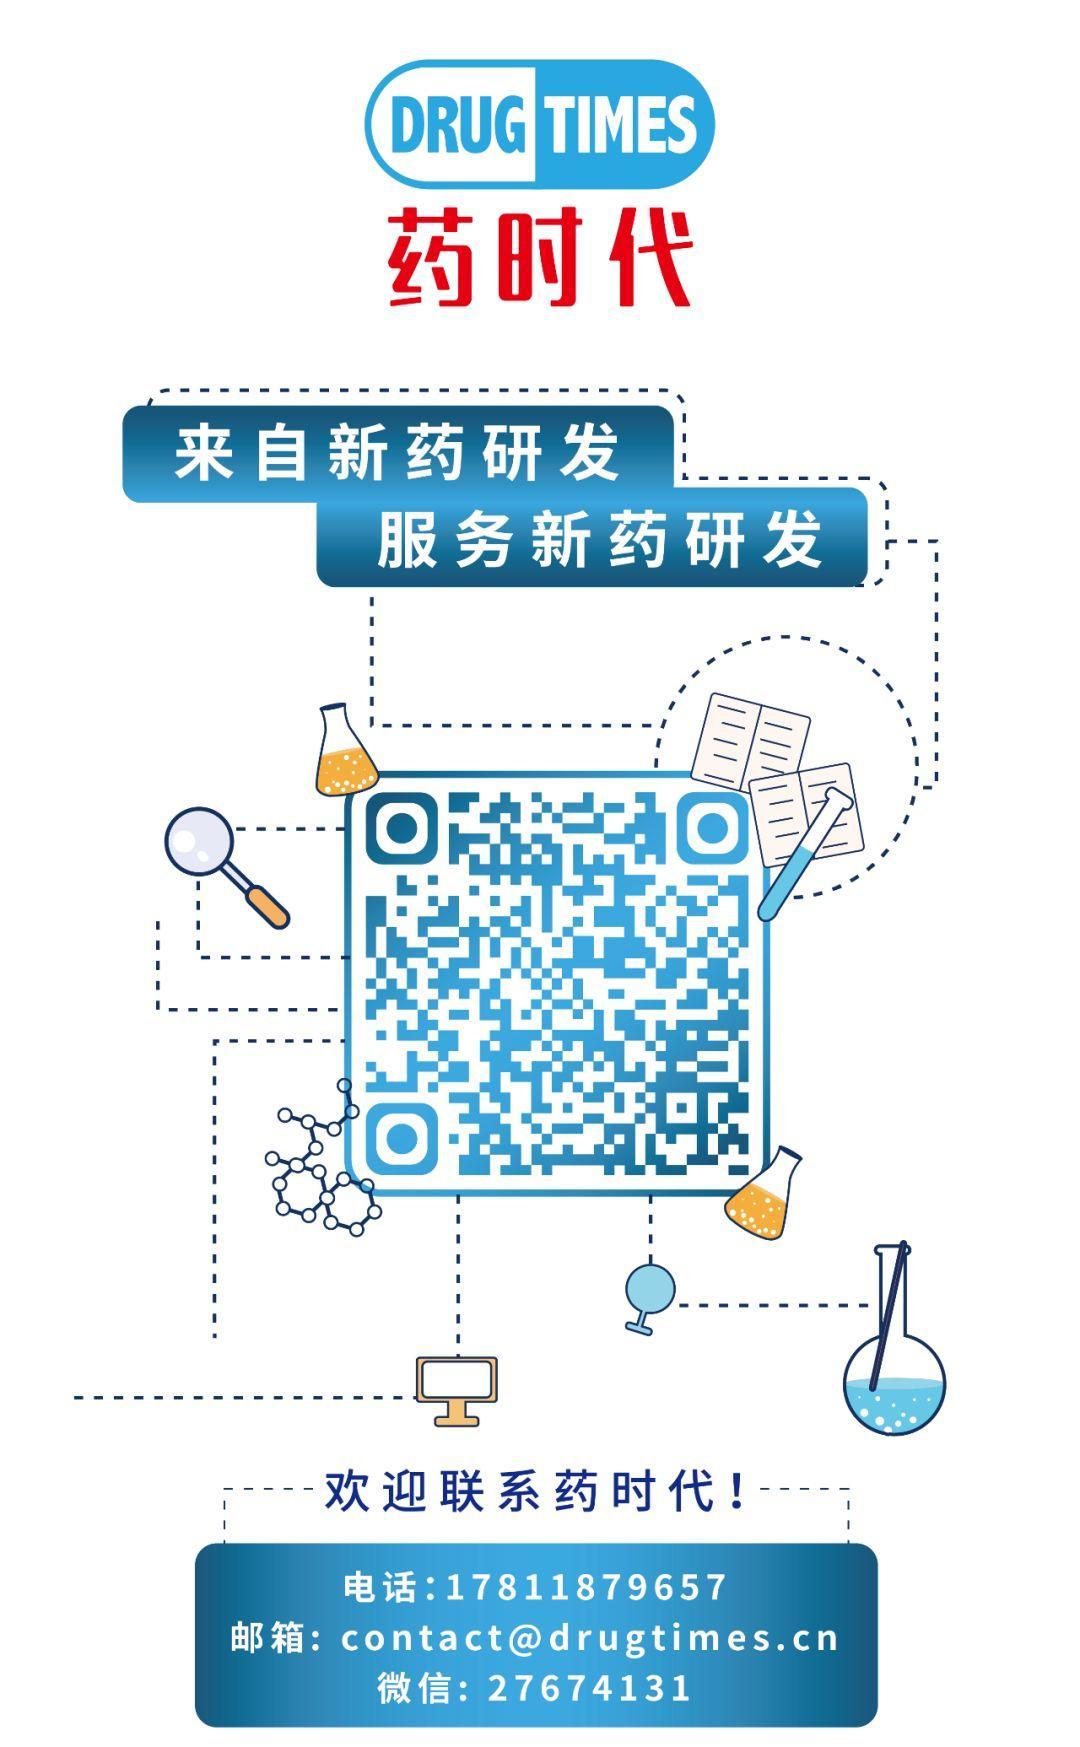 """冬天里的一把火!""""中国关键""""到来,MNC全球同步开发新药迈入新时代!"""